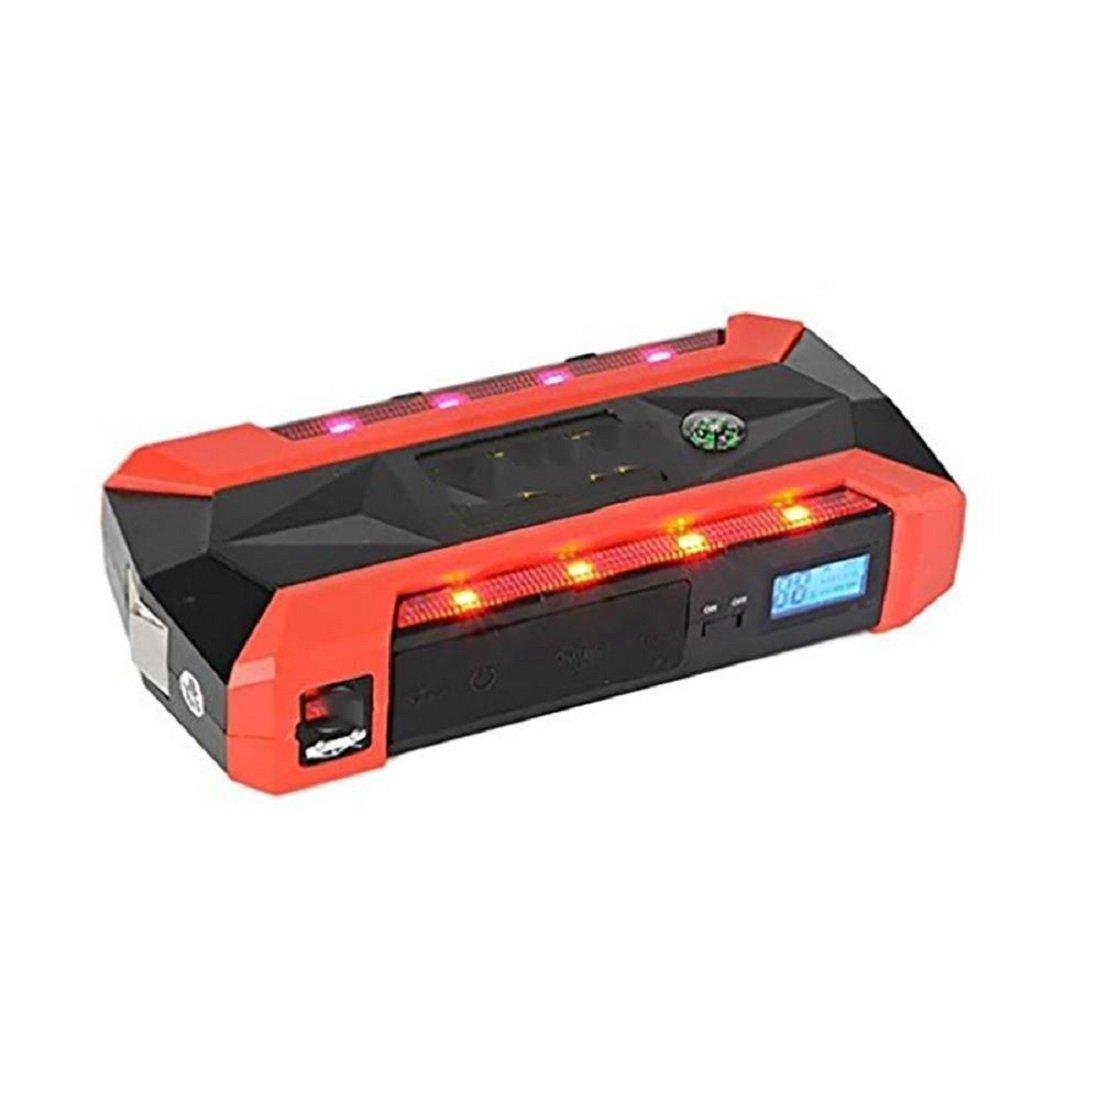 車のスターター/600Aピーク/13600mAh/スーパーチャージャー/緊急電源/緊急オート/スタートアップ電源/スーパーブライトネス/LEDフラッシュ B07D6QHTQ9